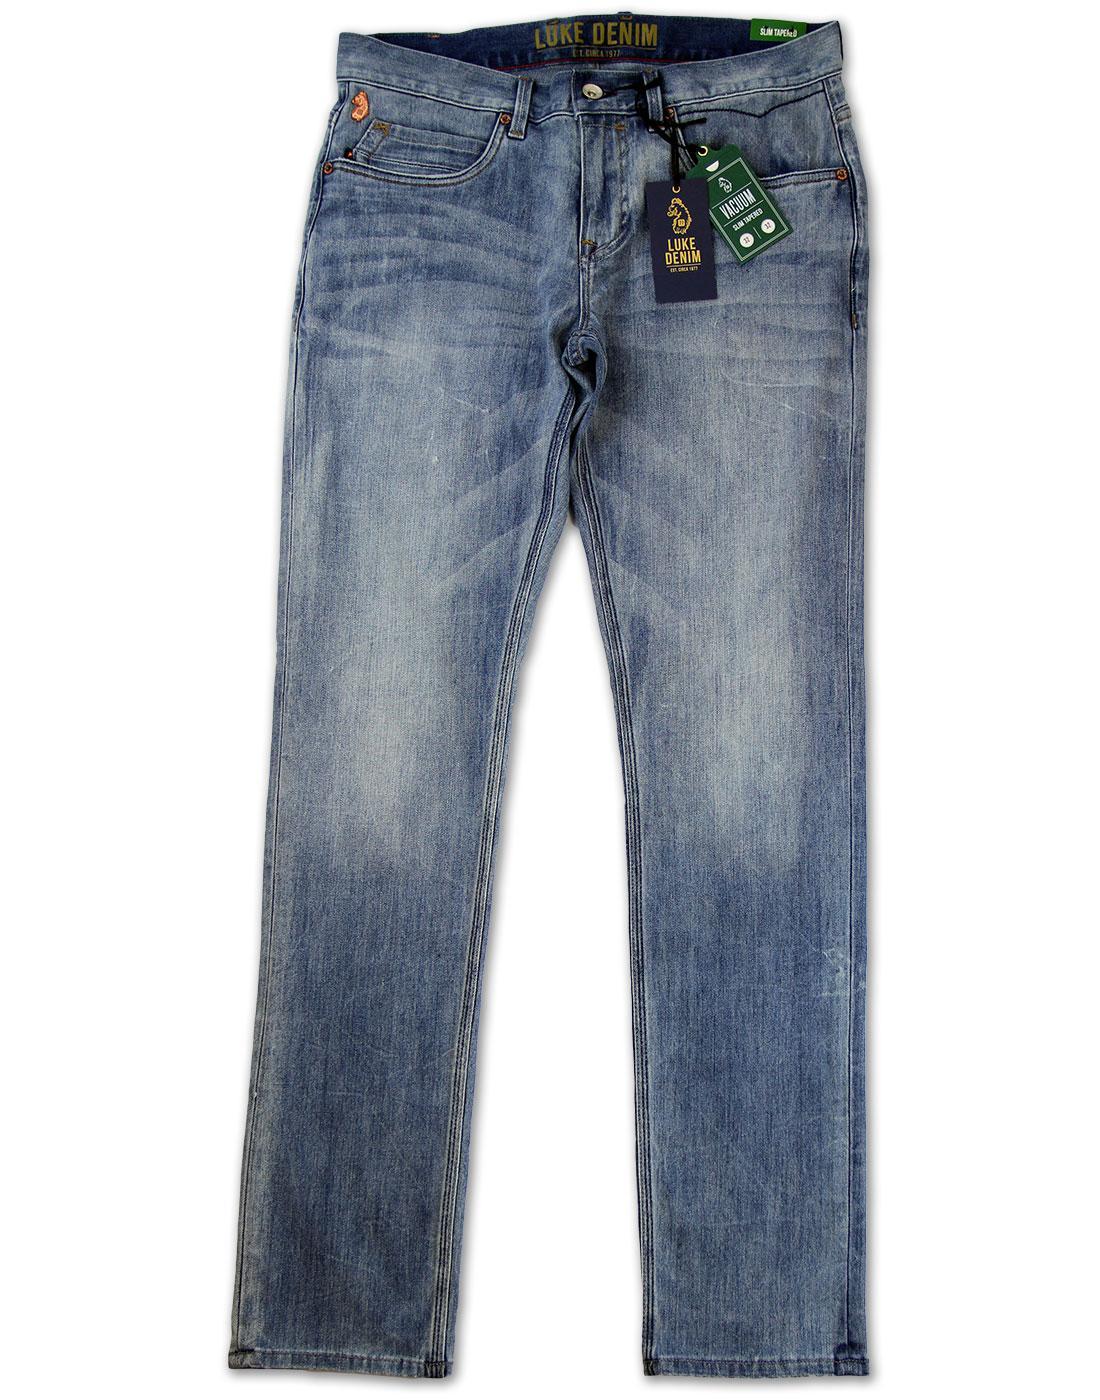 Vacuum LUKE DENIM Retro Acid House Whiskered Jeans